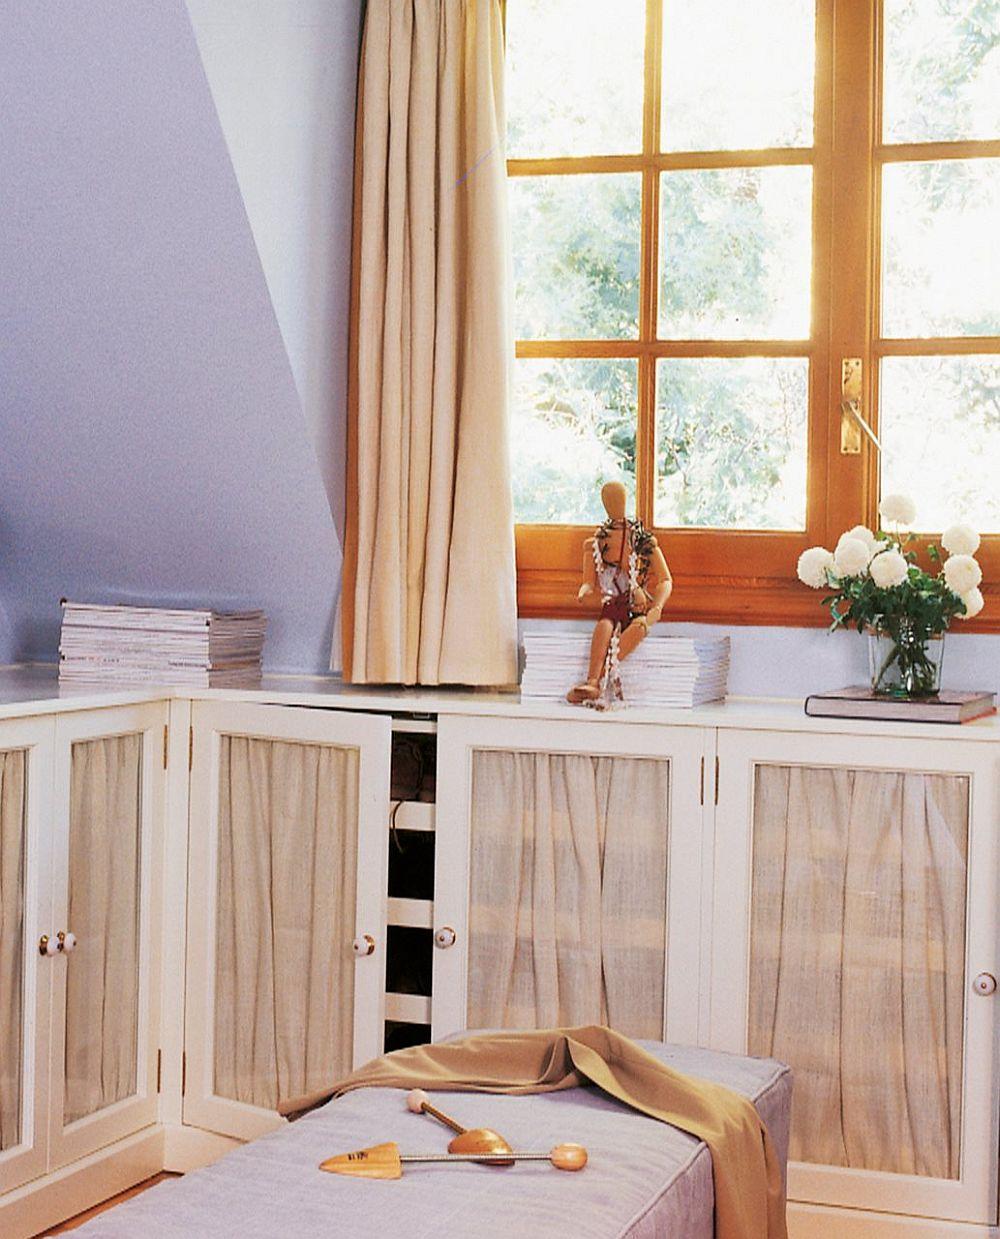 adelaparvu.com despre transformare a casei cu obiecte putine, decorator Pilar de la Vega, Foto ElMueble (6)